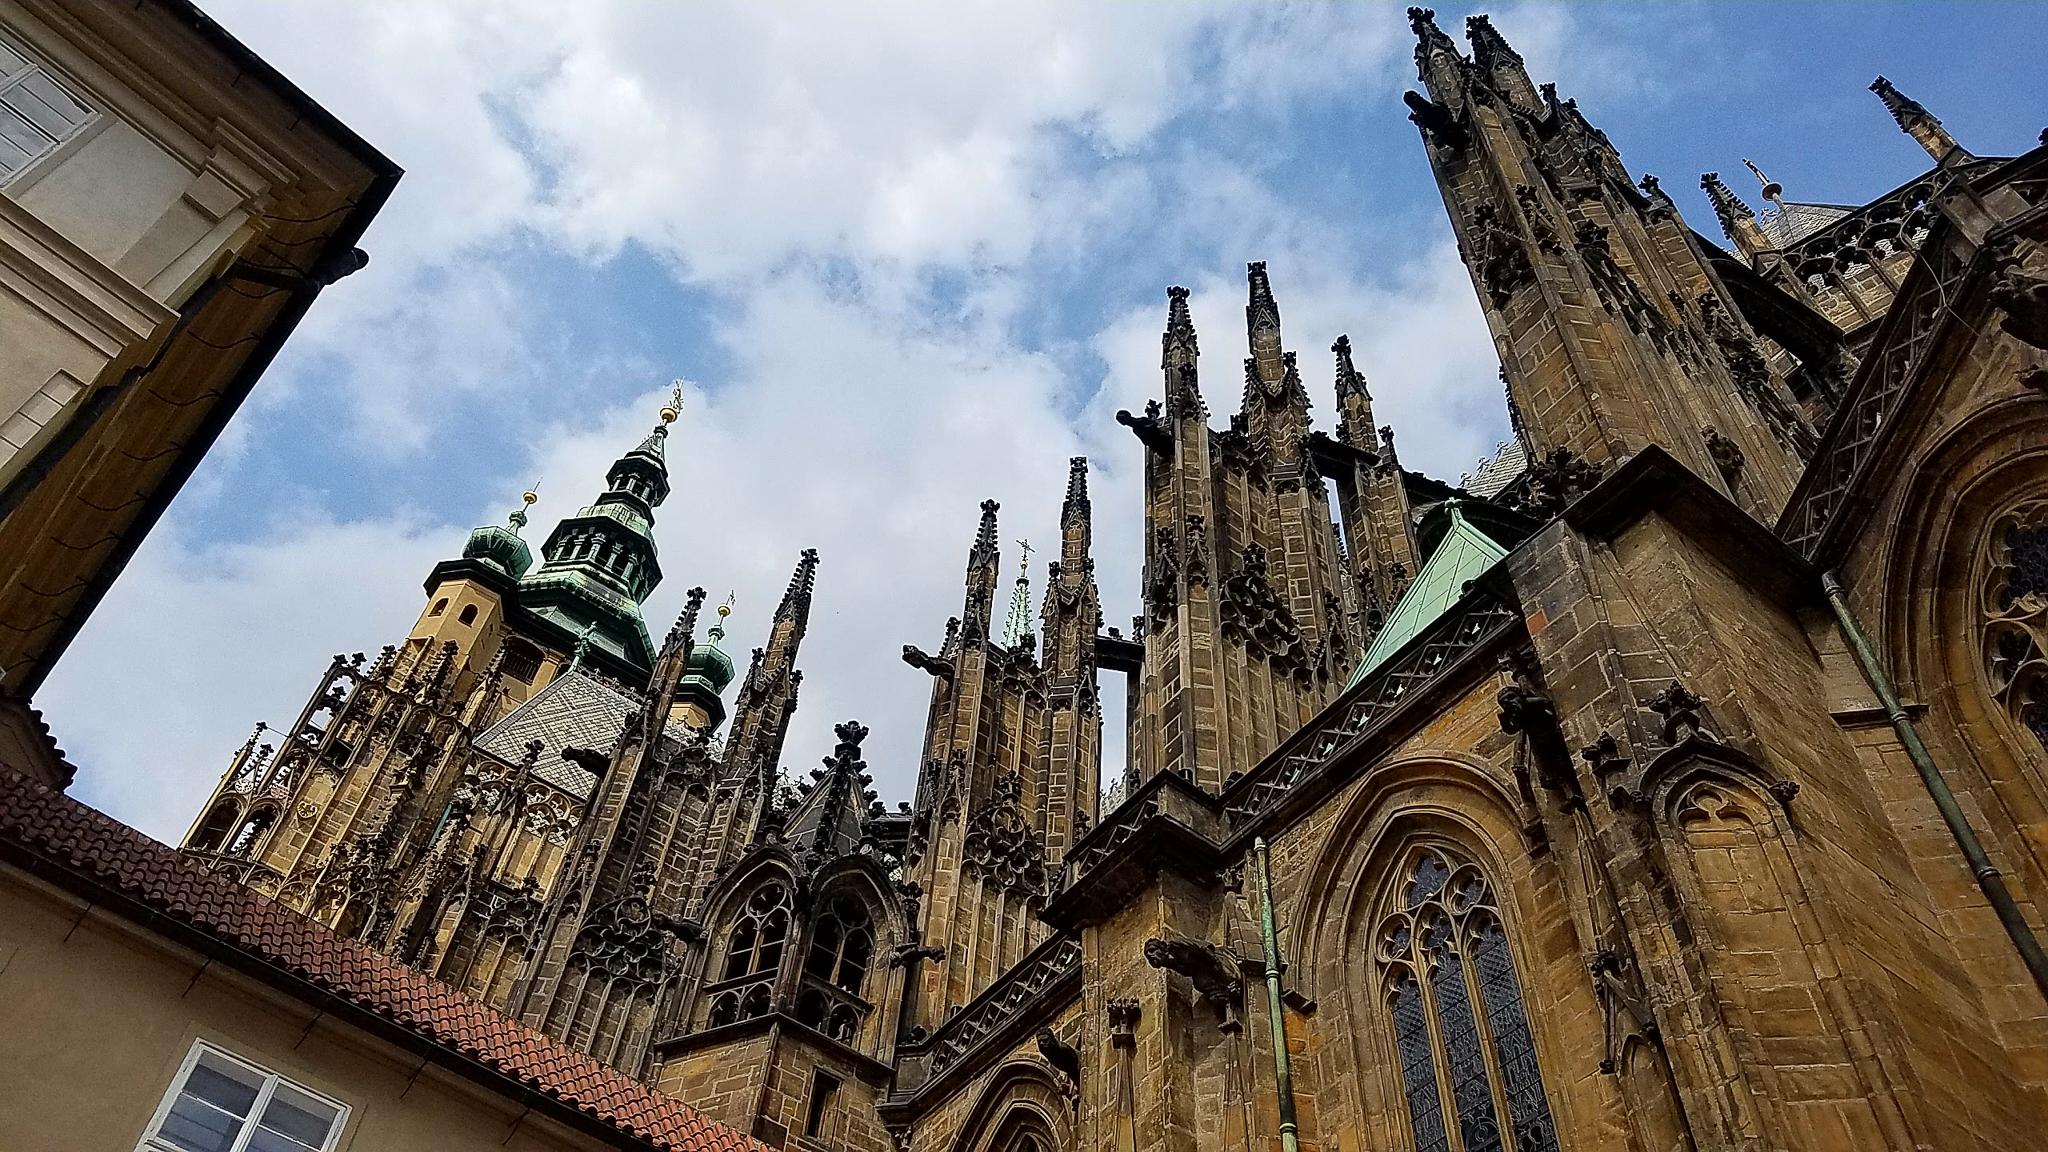 Spires of Katedrála Sv. Víta